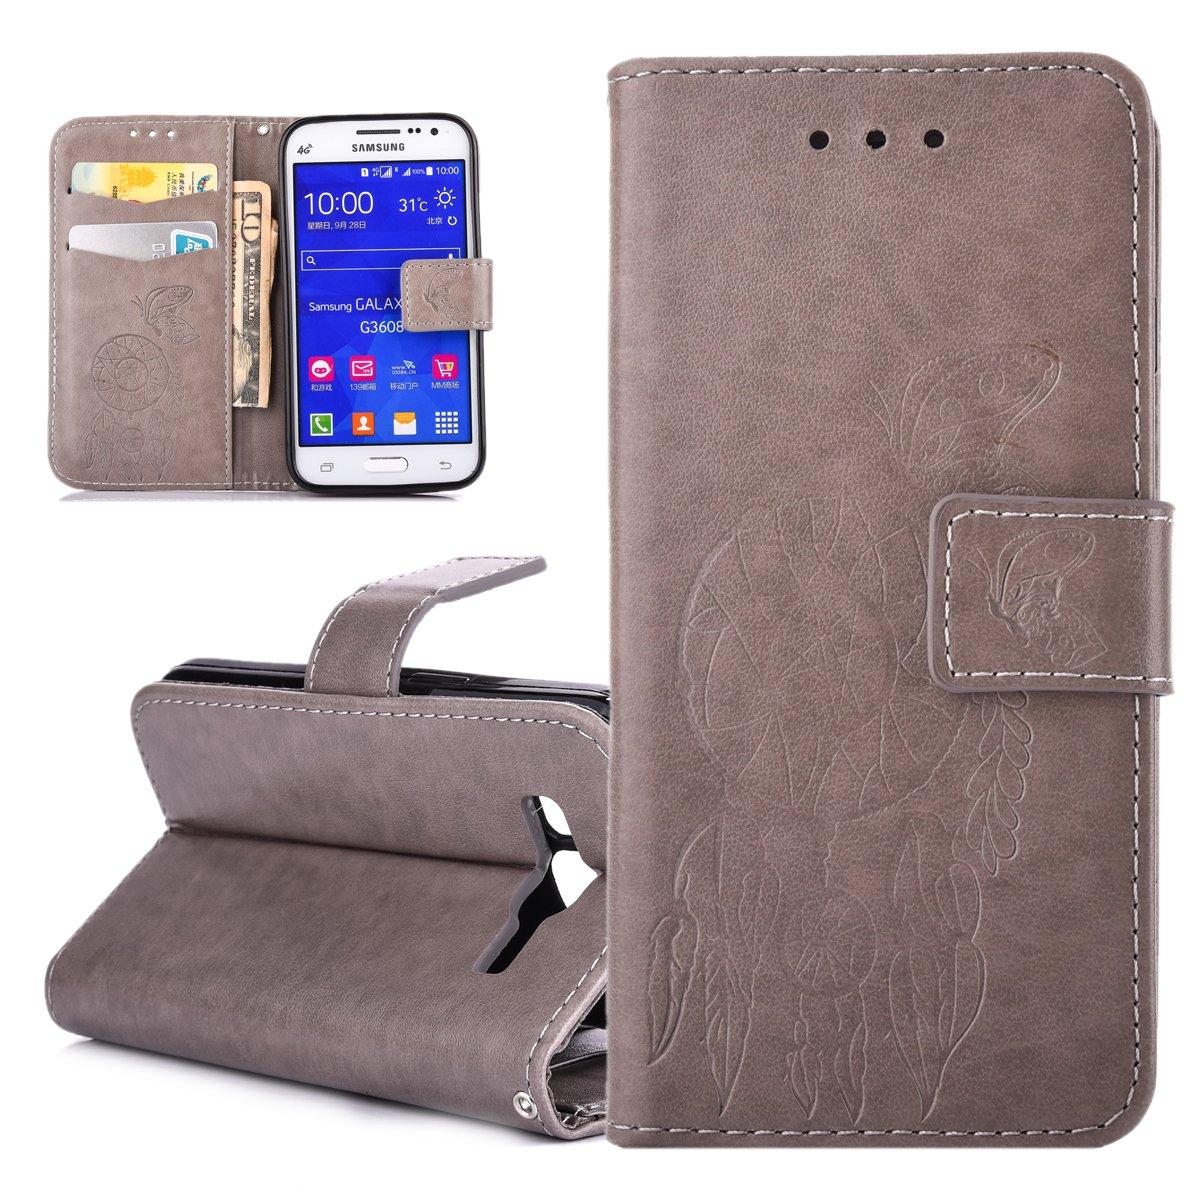 ISAKEN Custodia Cover per Samsung Galaxy Core Prime G360 Libro Wallet Flip Portafoglio Cover in PU Pelle Tinta Unita Custodia Rose Protezione Caso con Supporto di Stand/Carte Slot, Rose: Rossa FASNO015341